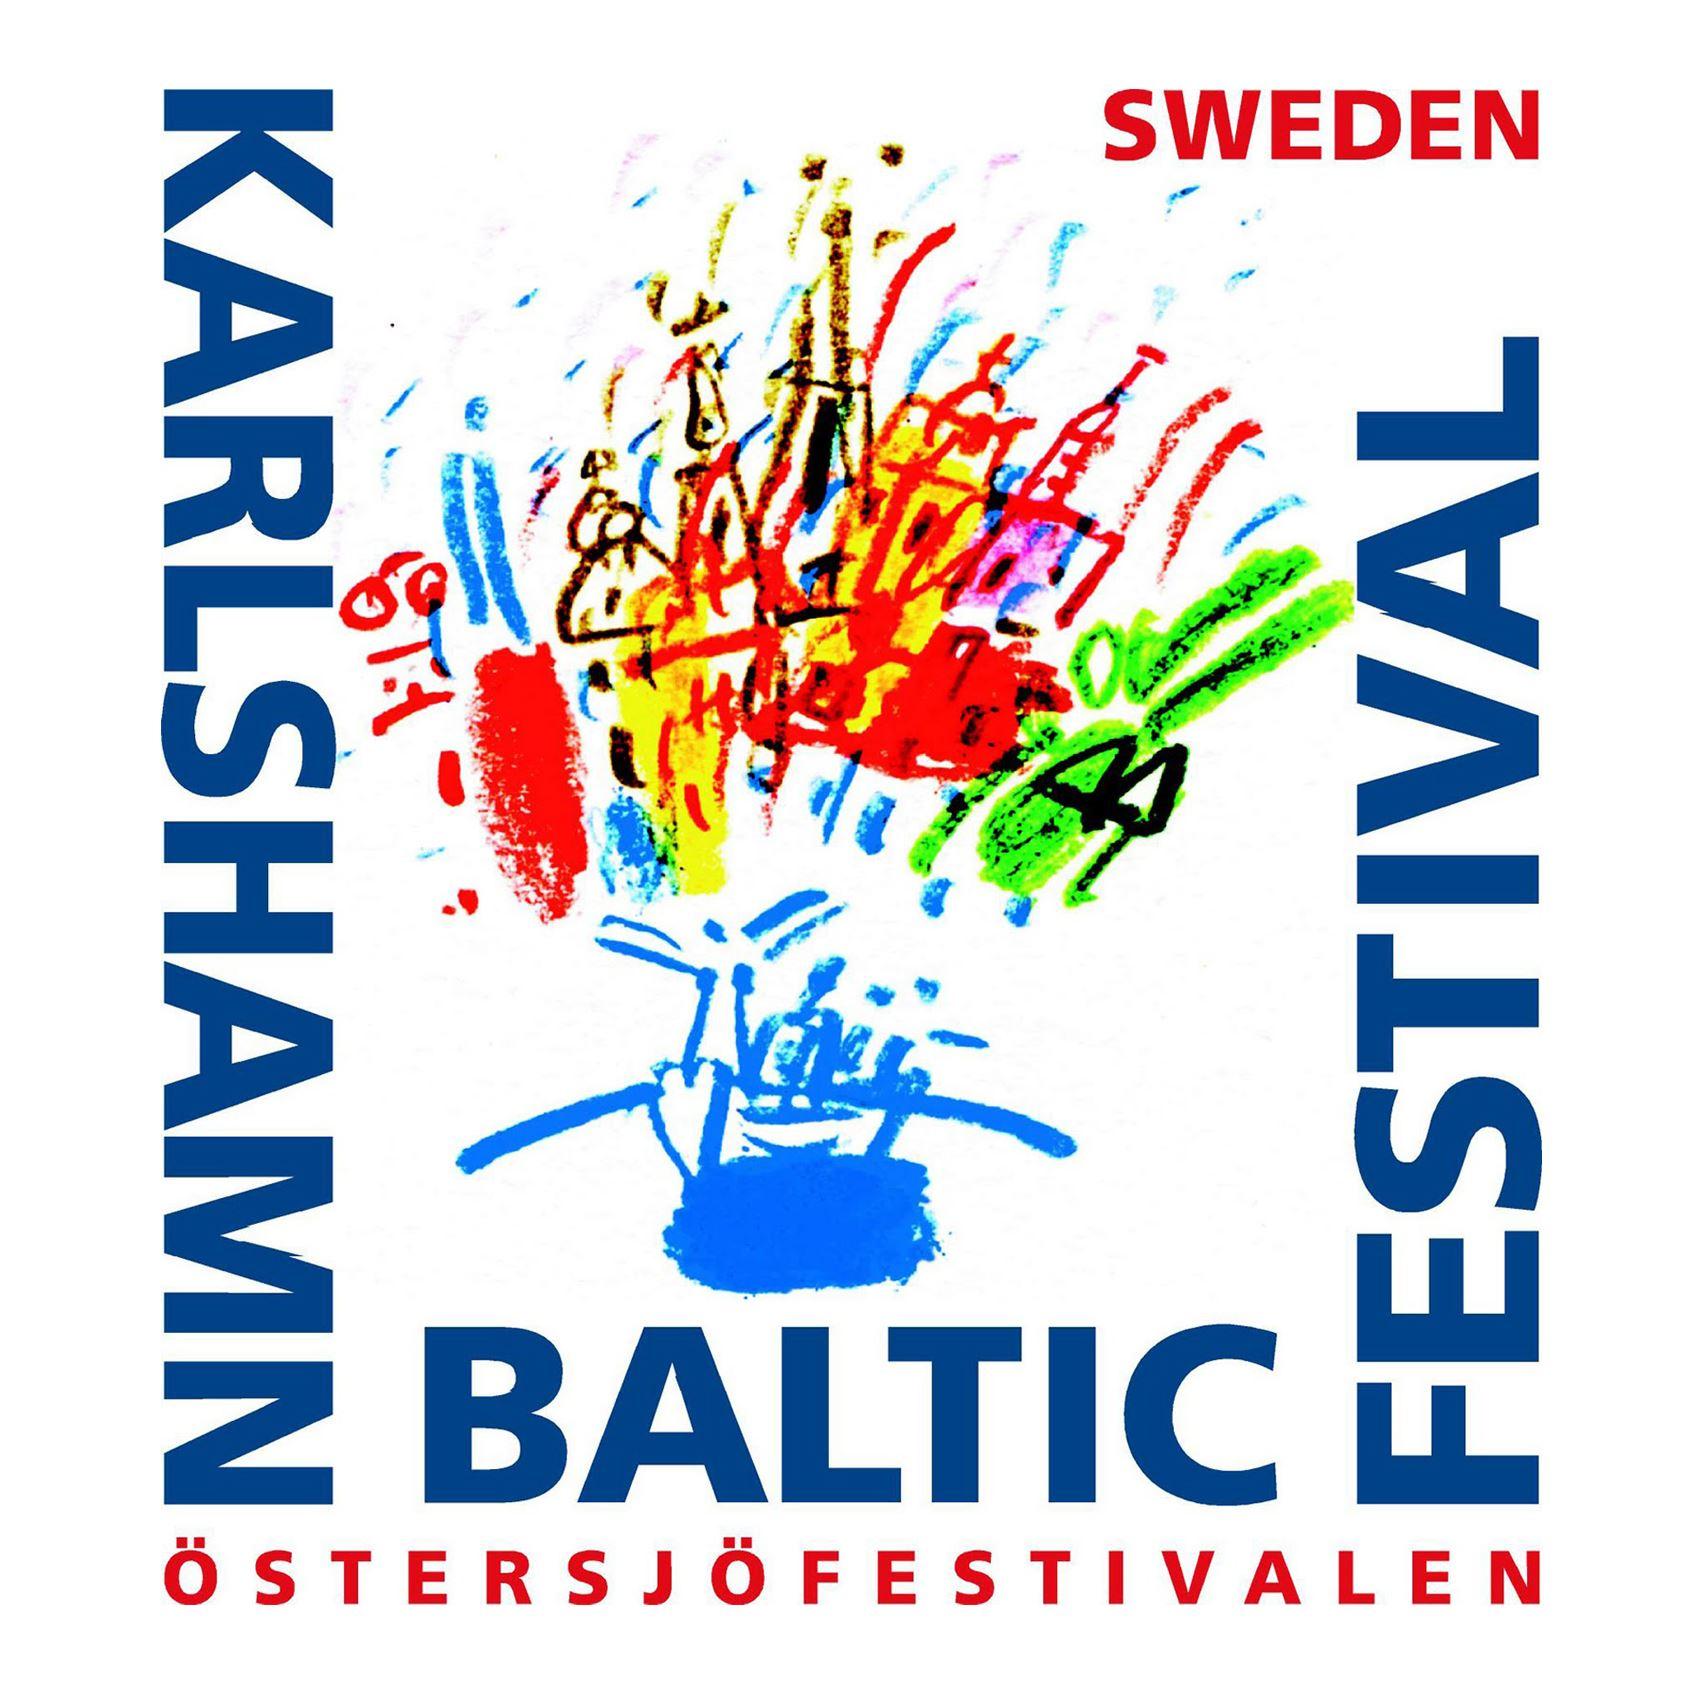 Östersjöfestivalen - Aktiviteter i Rosengården